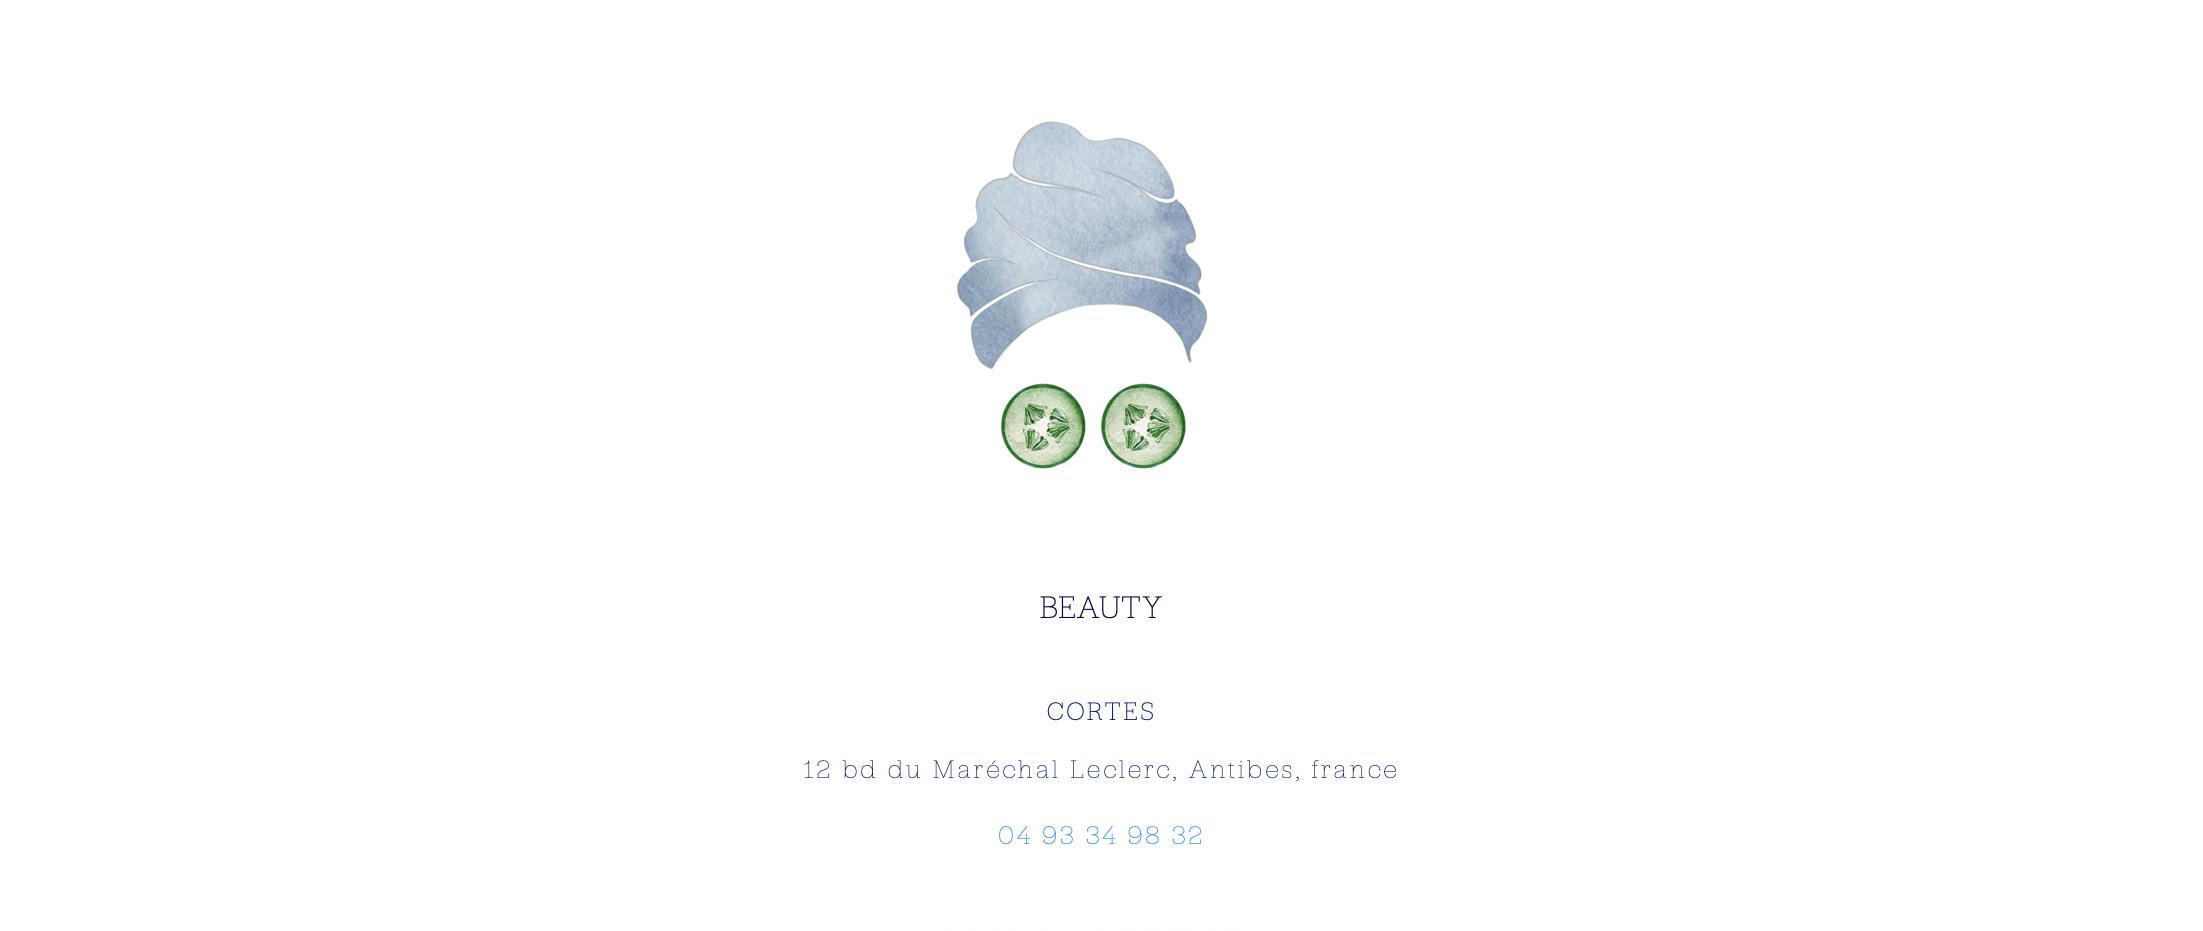 011.Beauty.jpg